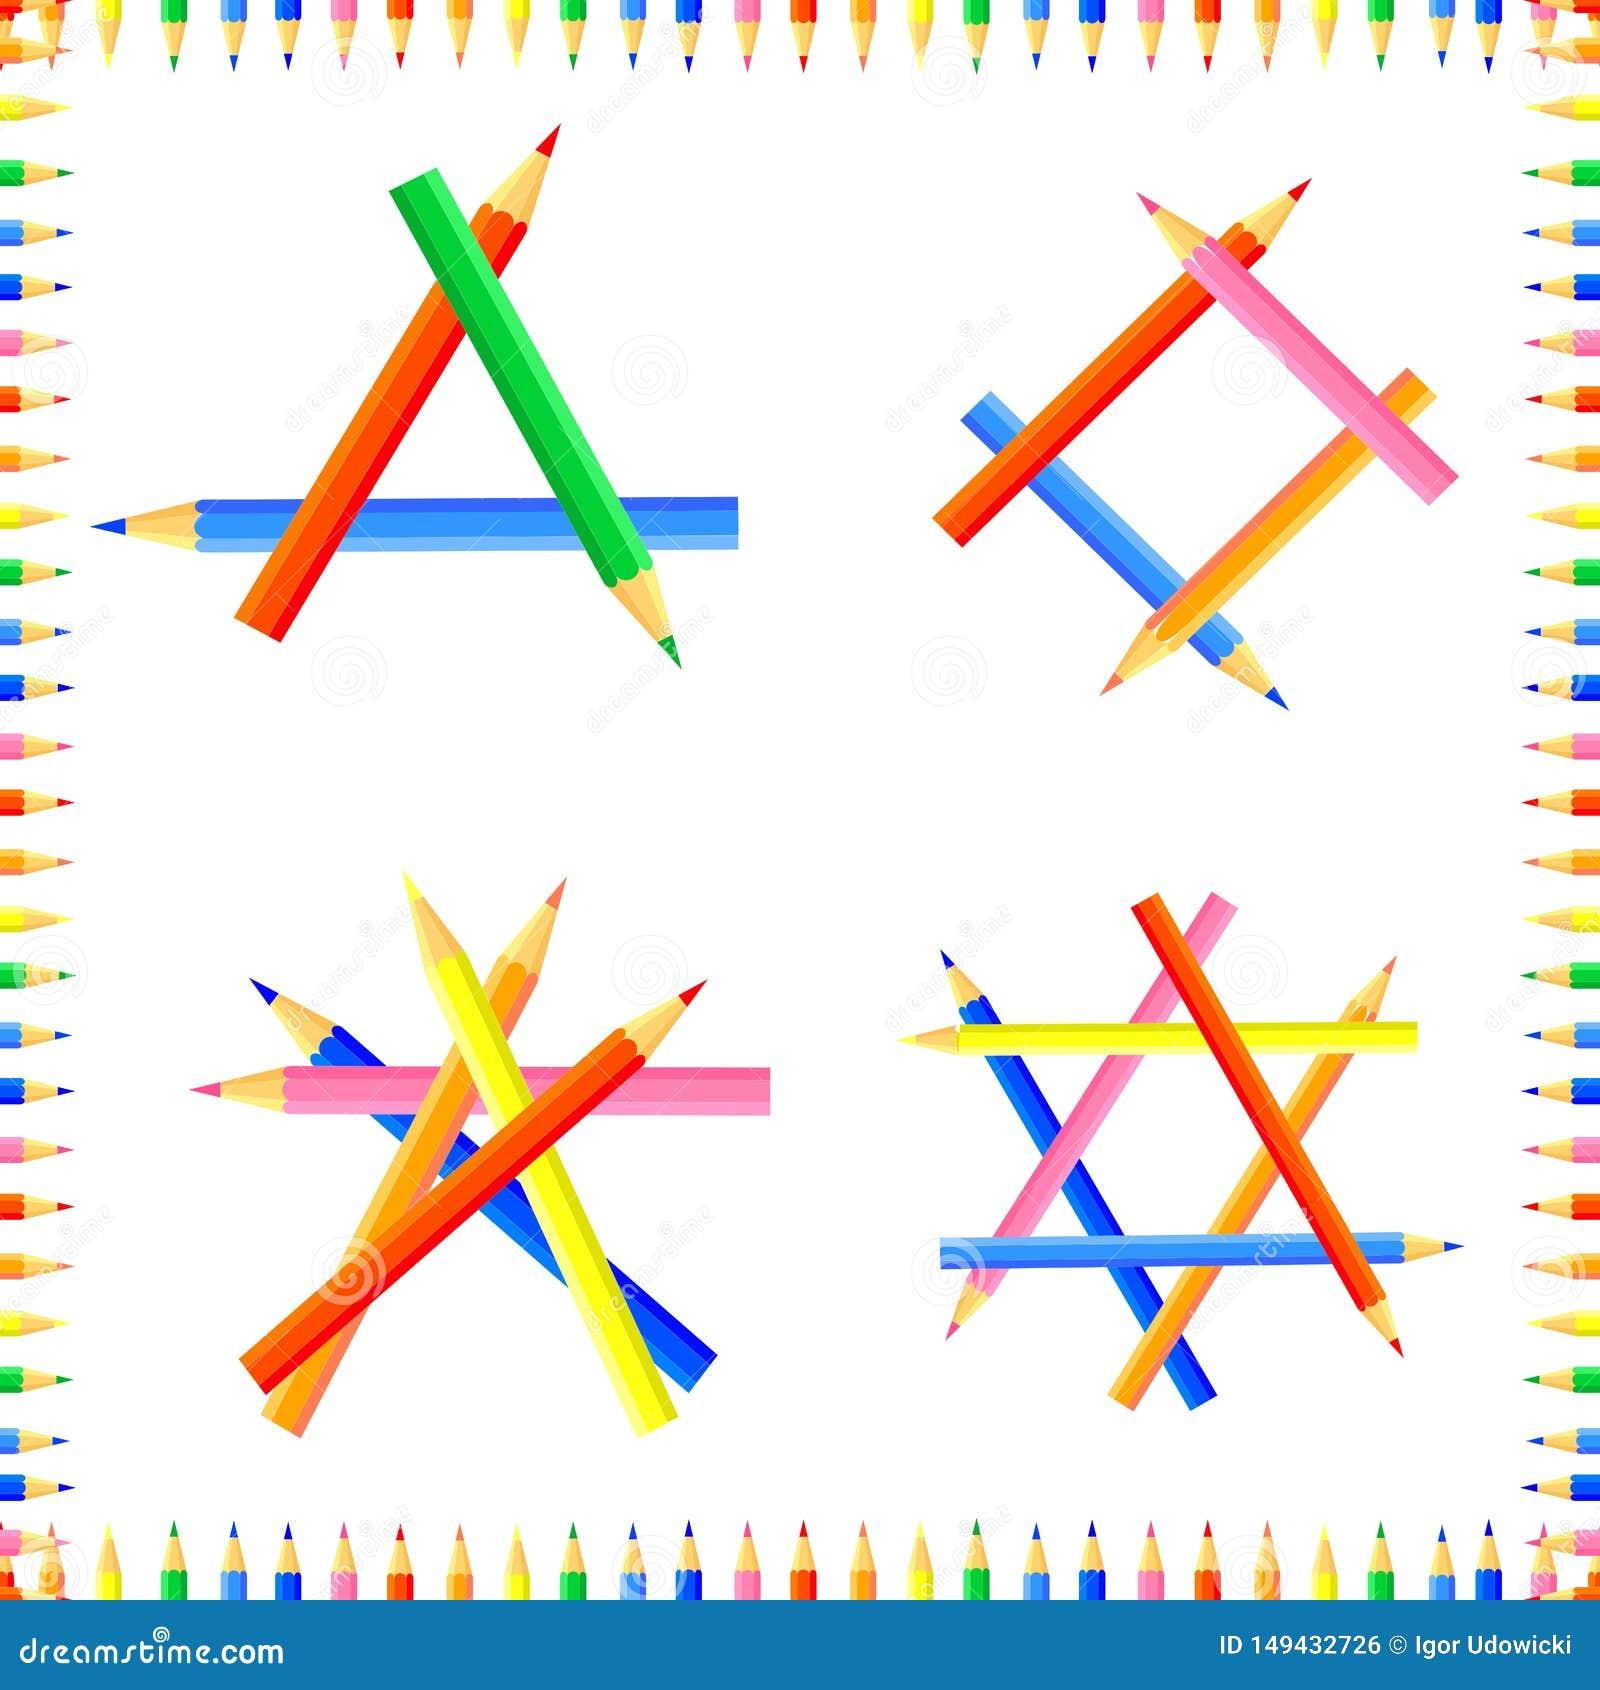 Vektor farbiges nahtloses Muster Reihen von spitzen Bleistiften bilden einen Rahmen